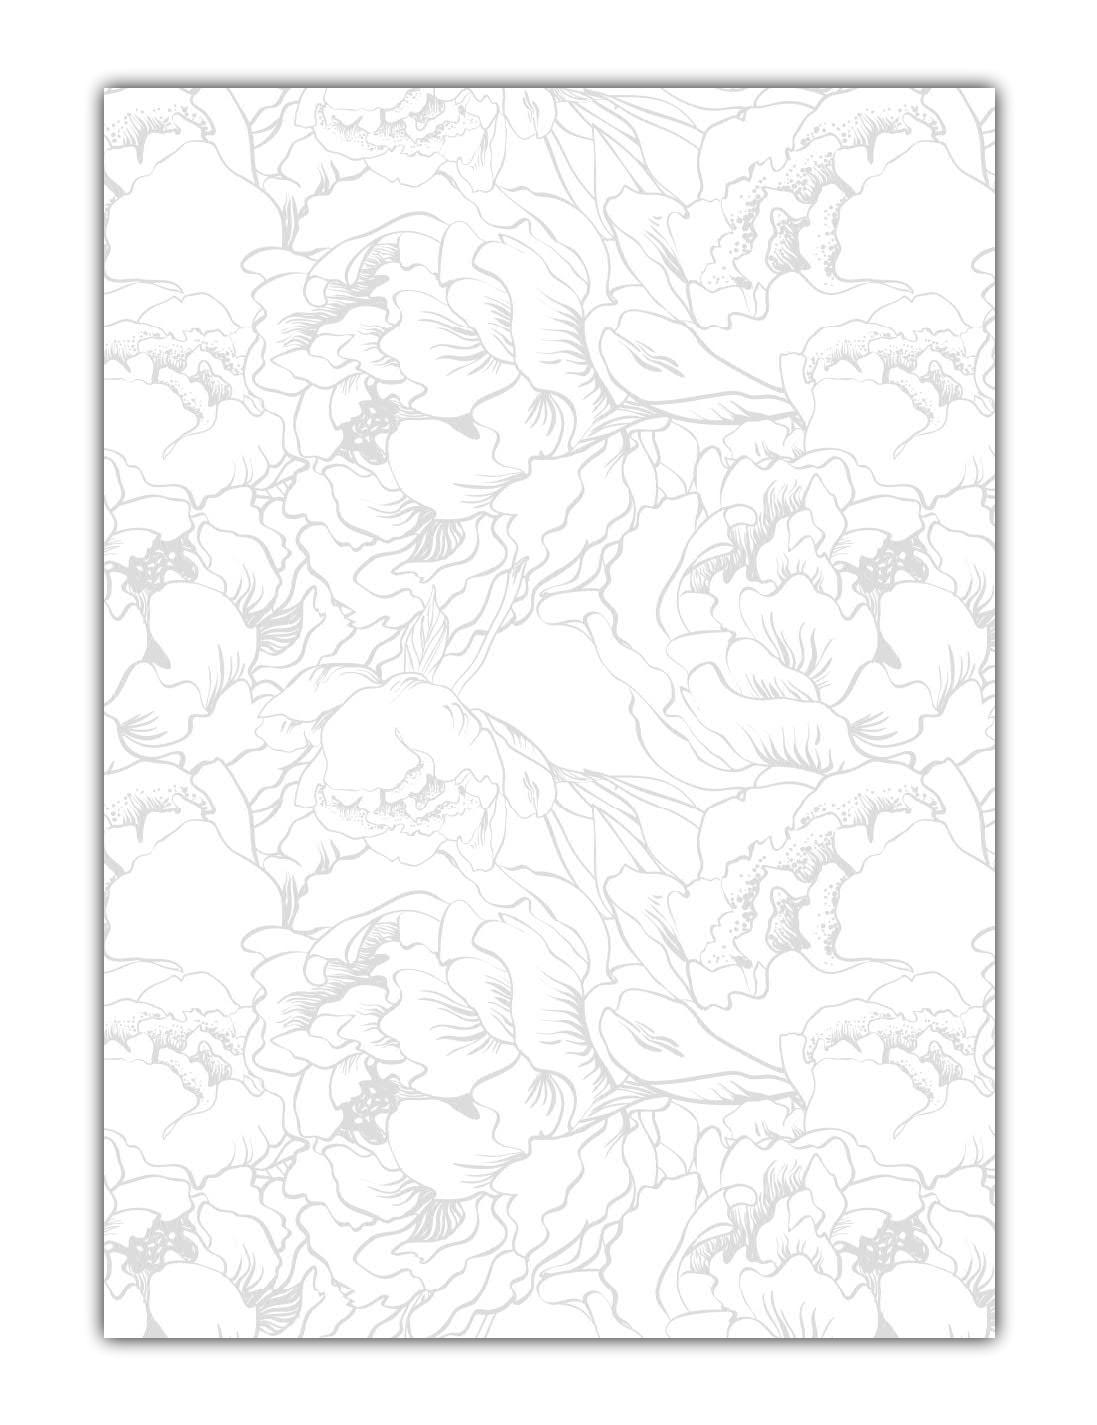 Vintage Muster Motiv Briefpapier (MPA-5220, DIN A4, 100 Blatt) Motivpapier silbergrau abstrakt Blumen Blüten